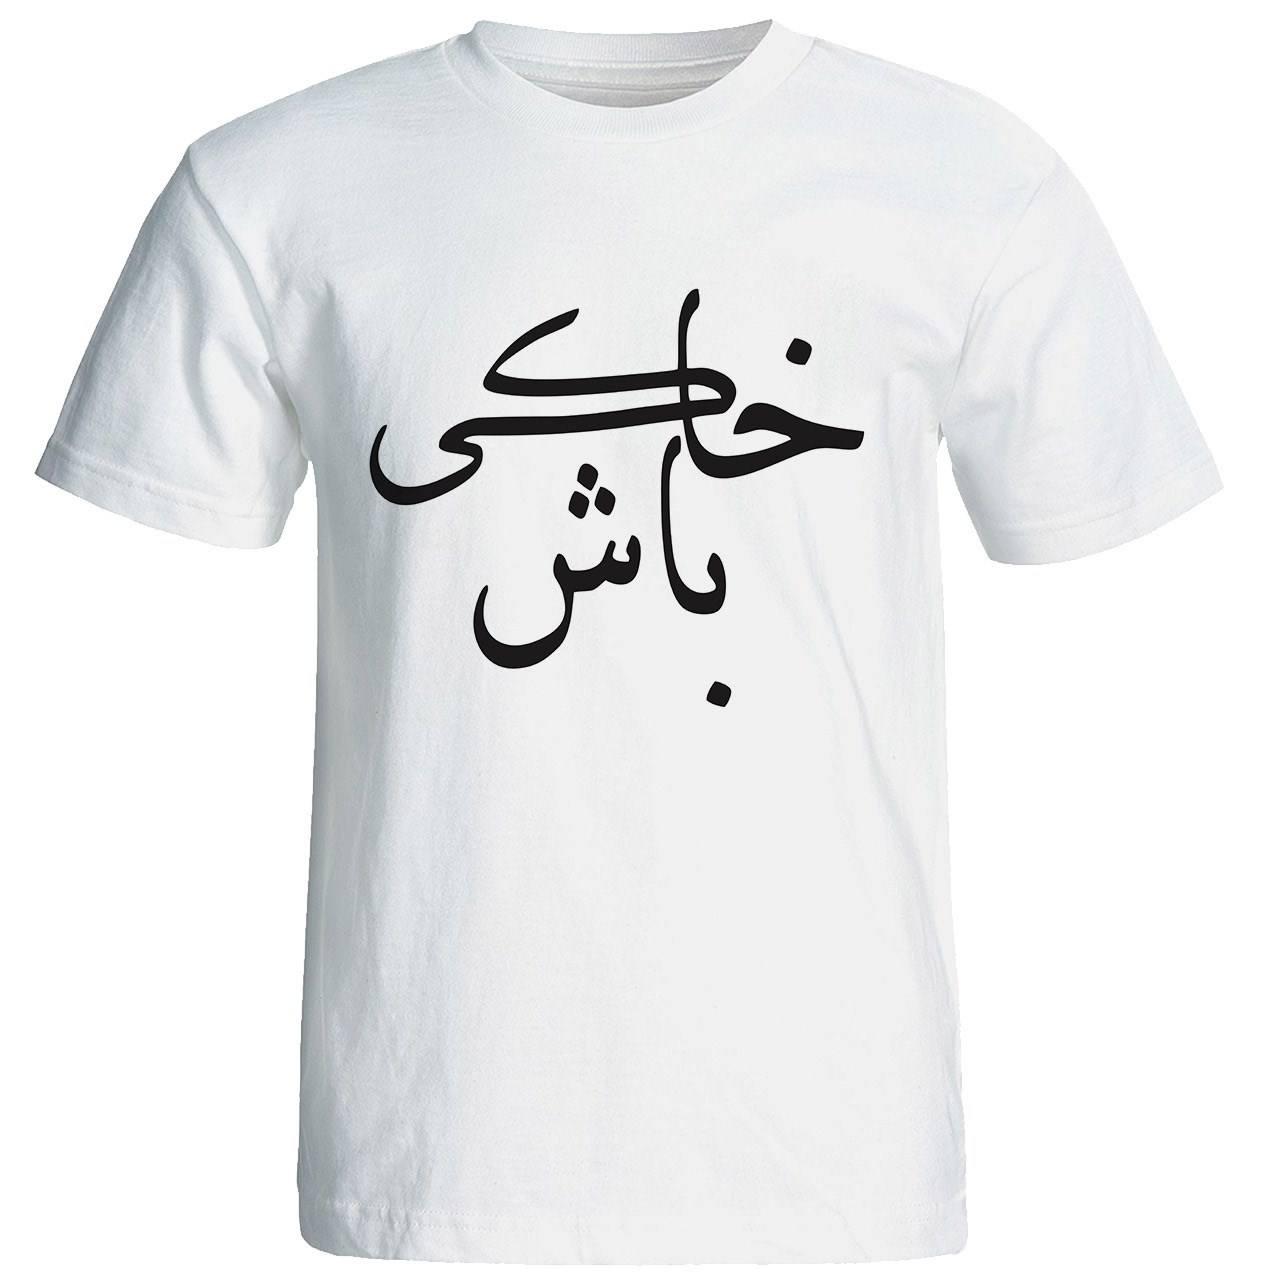 تی شرت آستین کوتاه زنانه طرح خاکی باش کد 4282